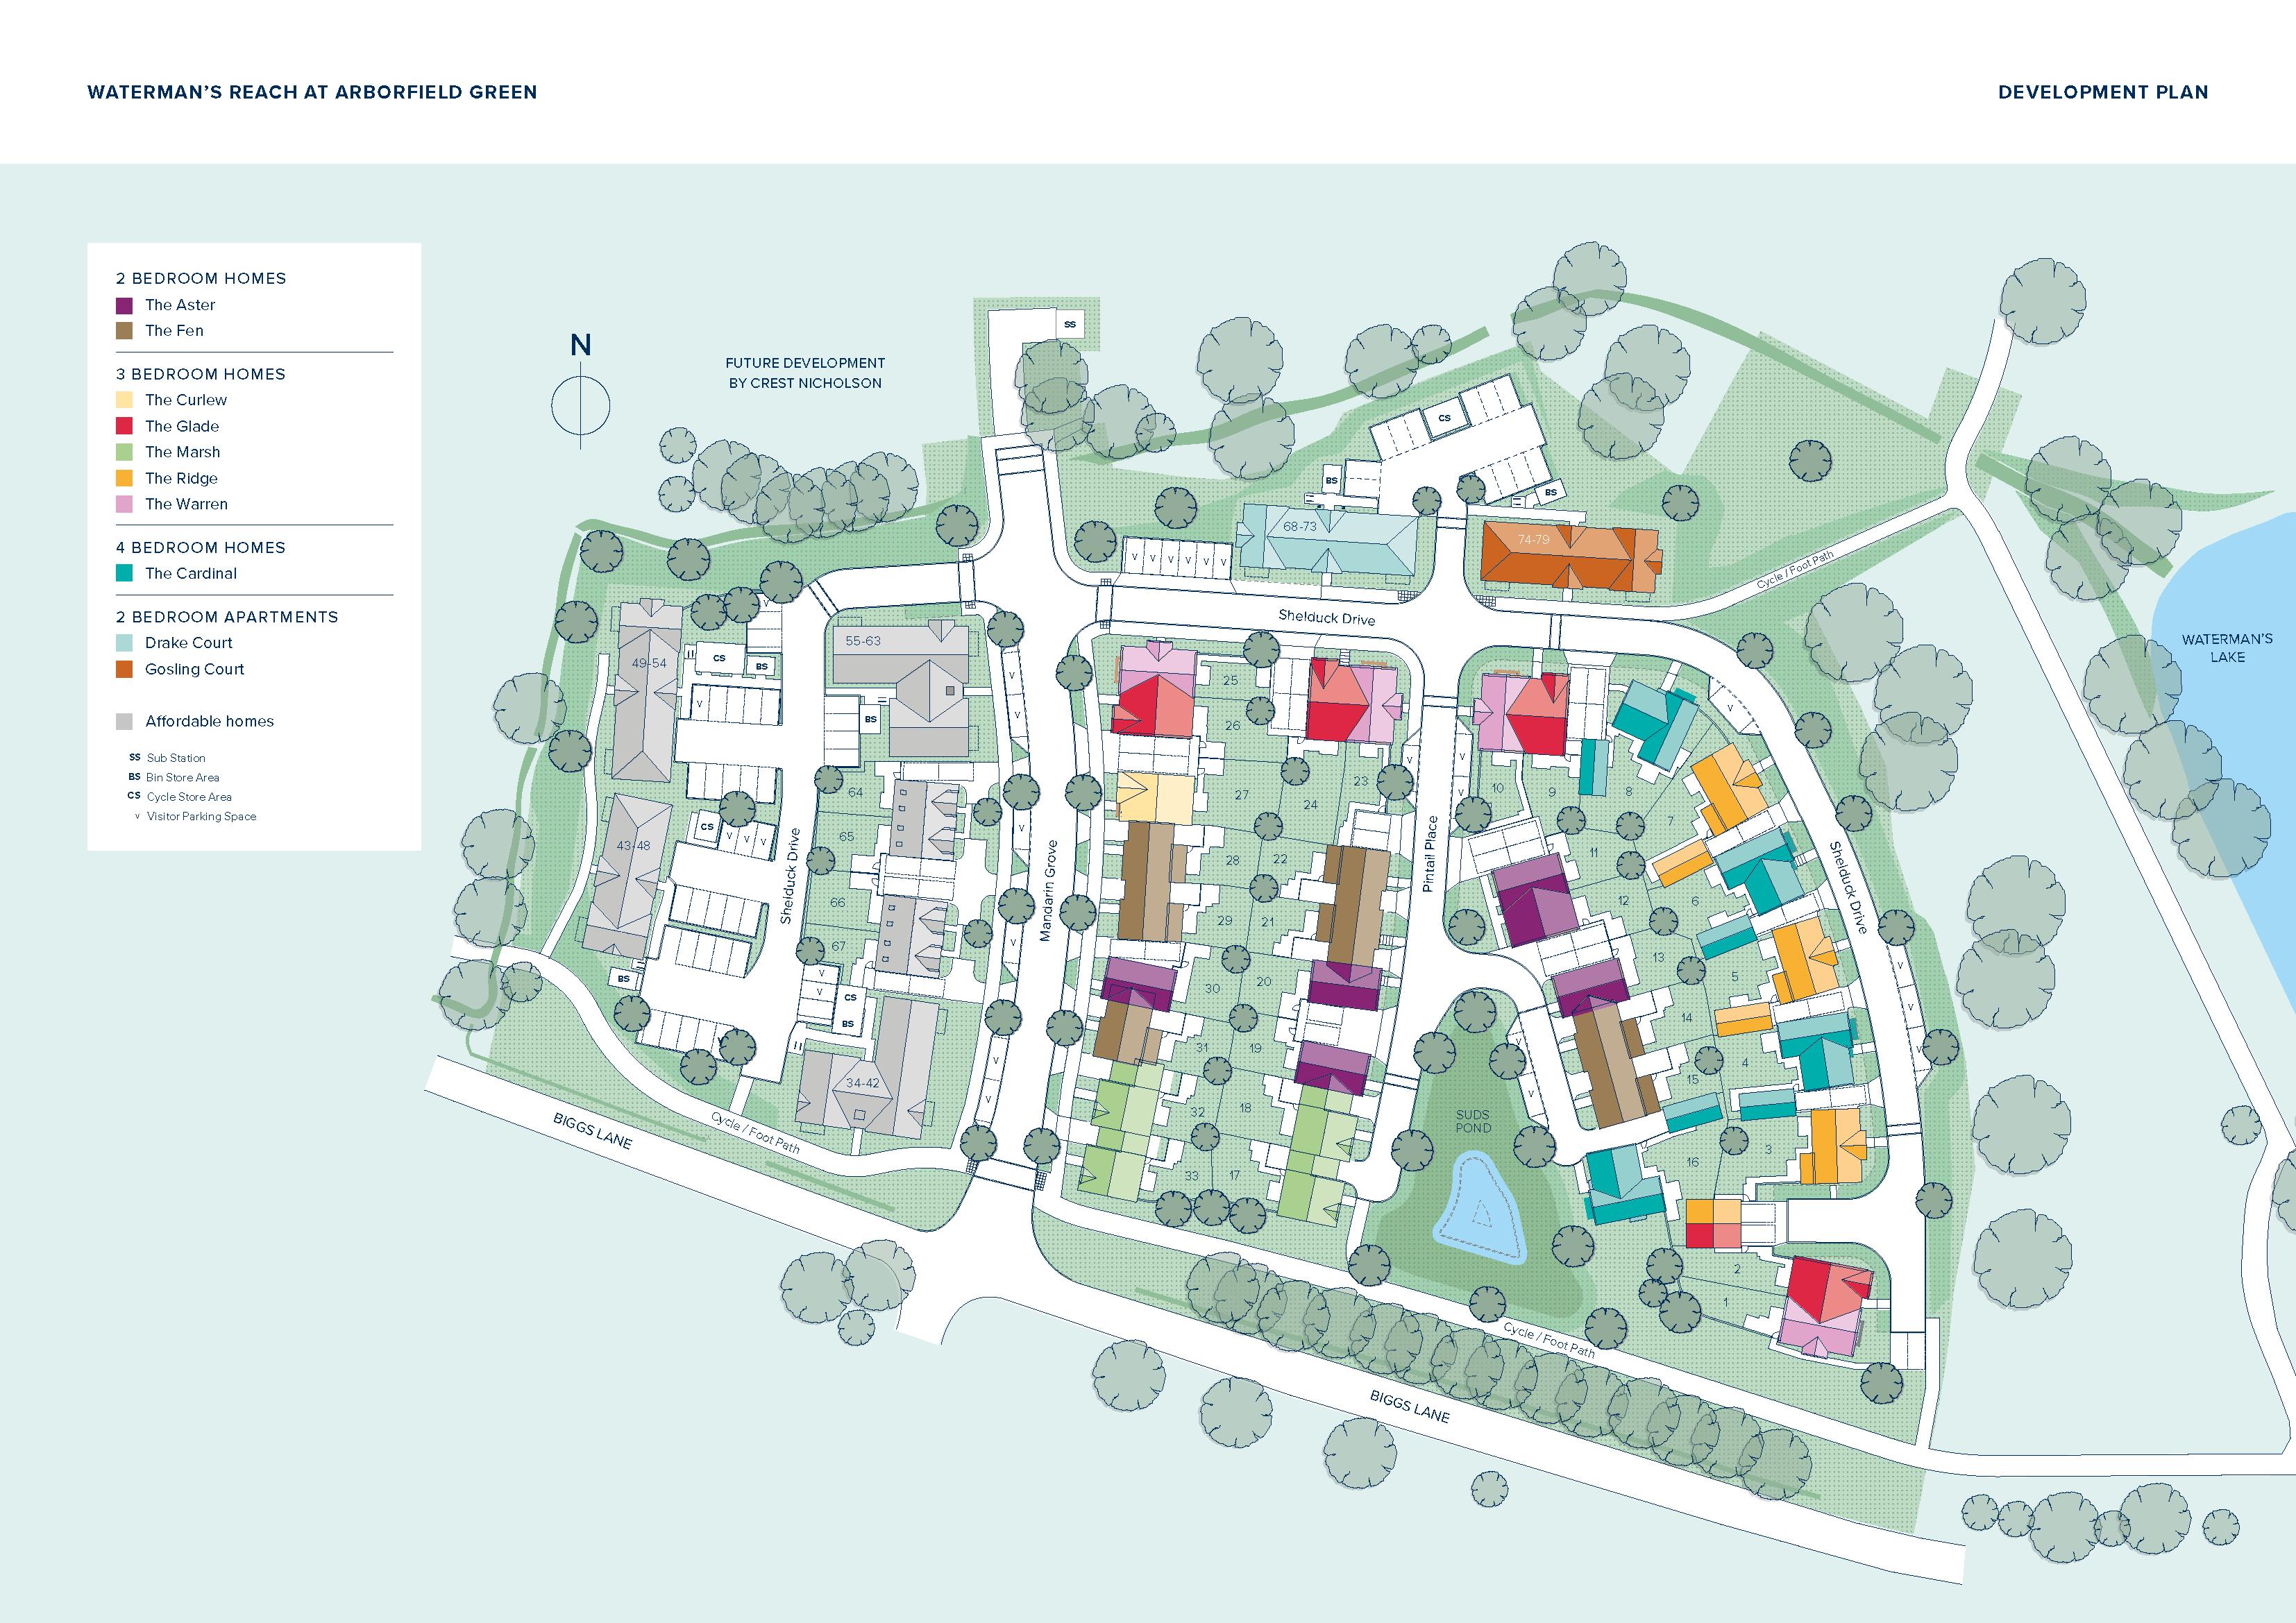 Waterman's Reach at Arborfield Green plan